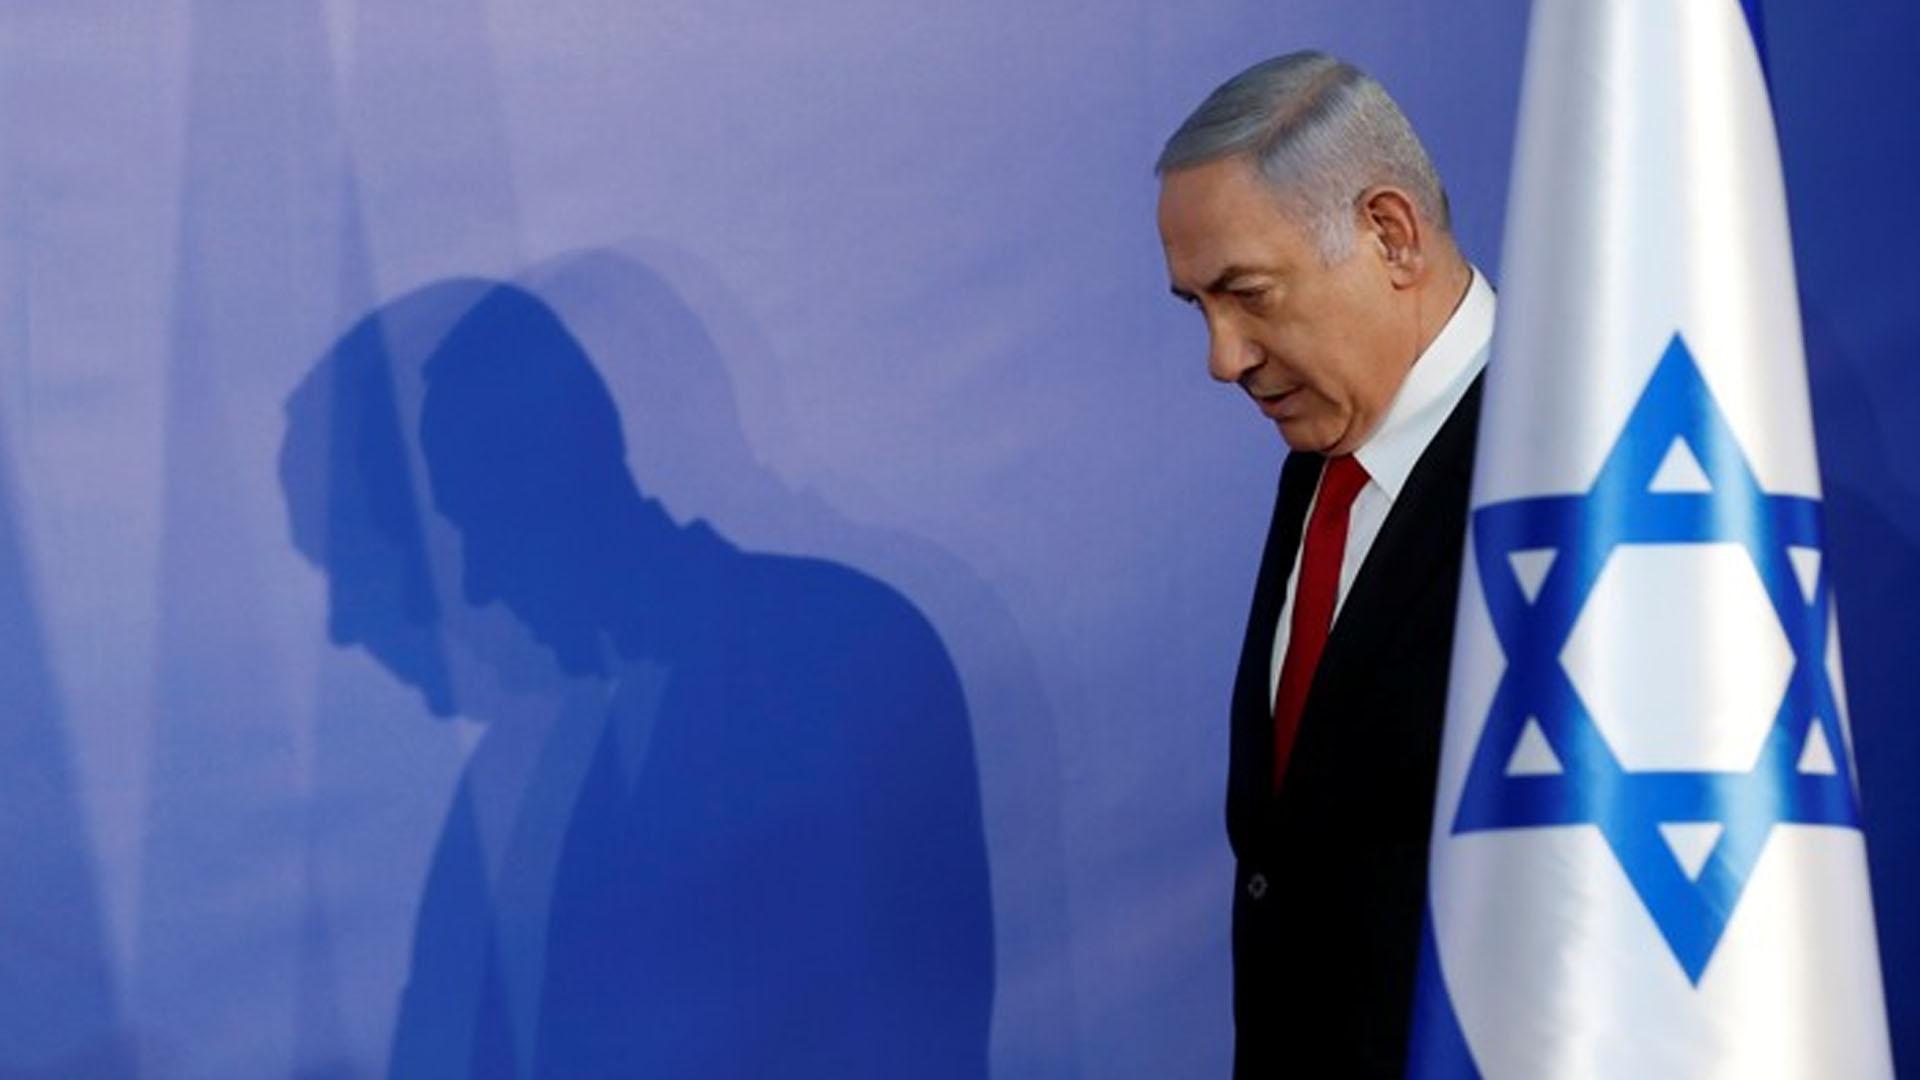 Siyonist Netanyahu'dan Bir İşgal Vaadi Daha